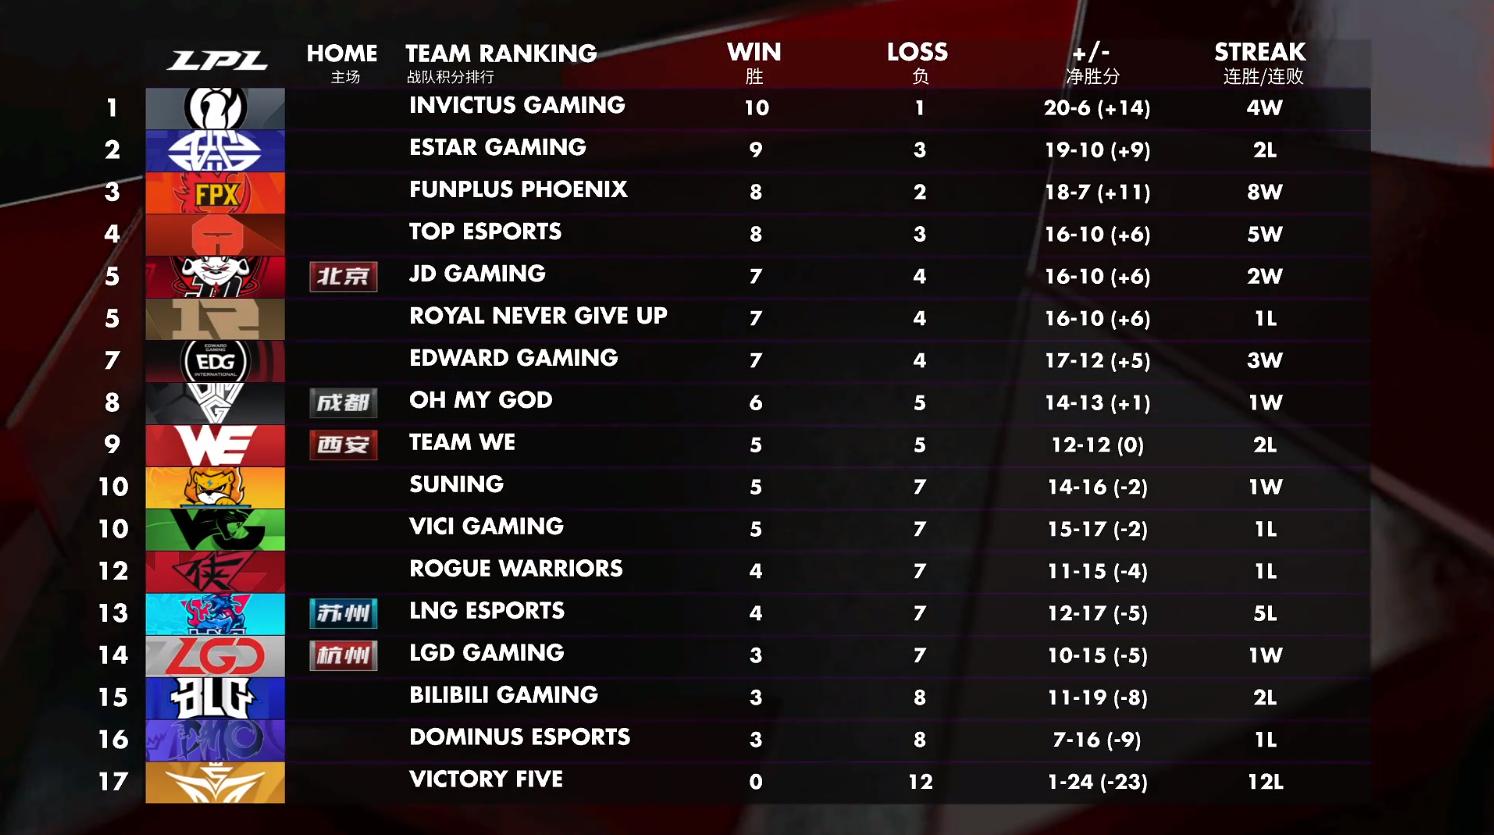 今日赛后积分榜:iG坐稳榜首 OMG超越WE来到第8